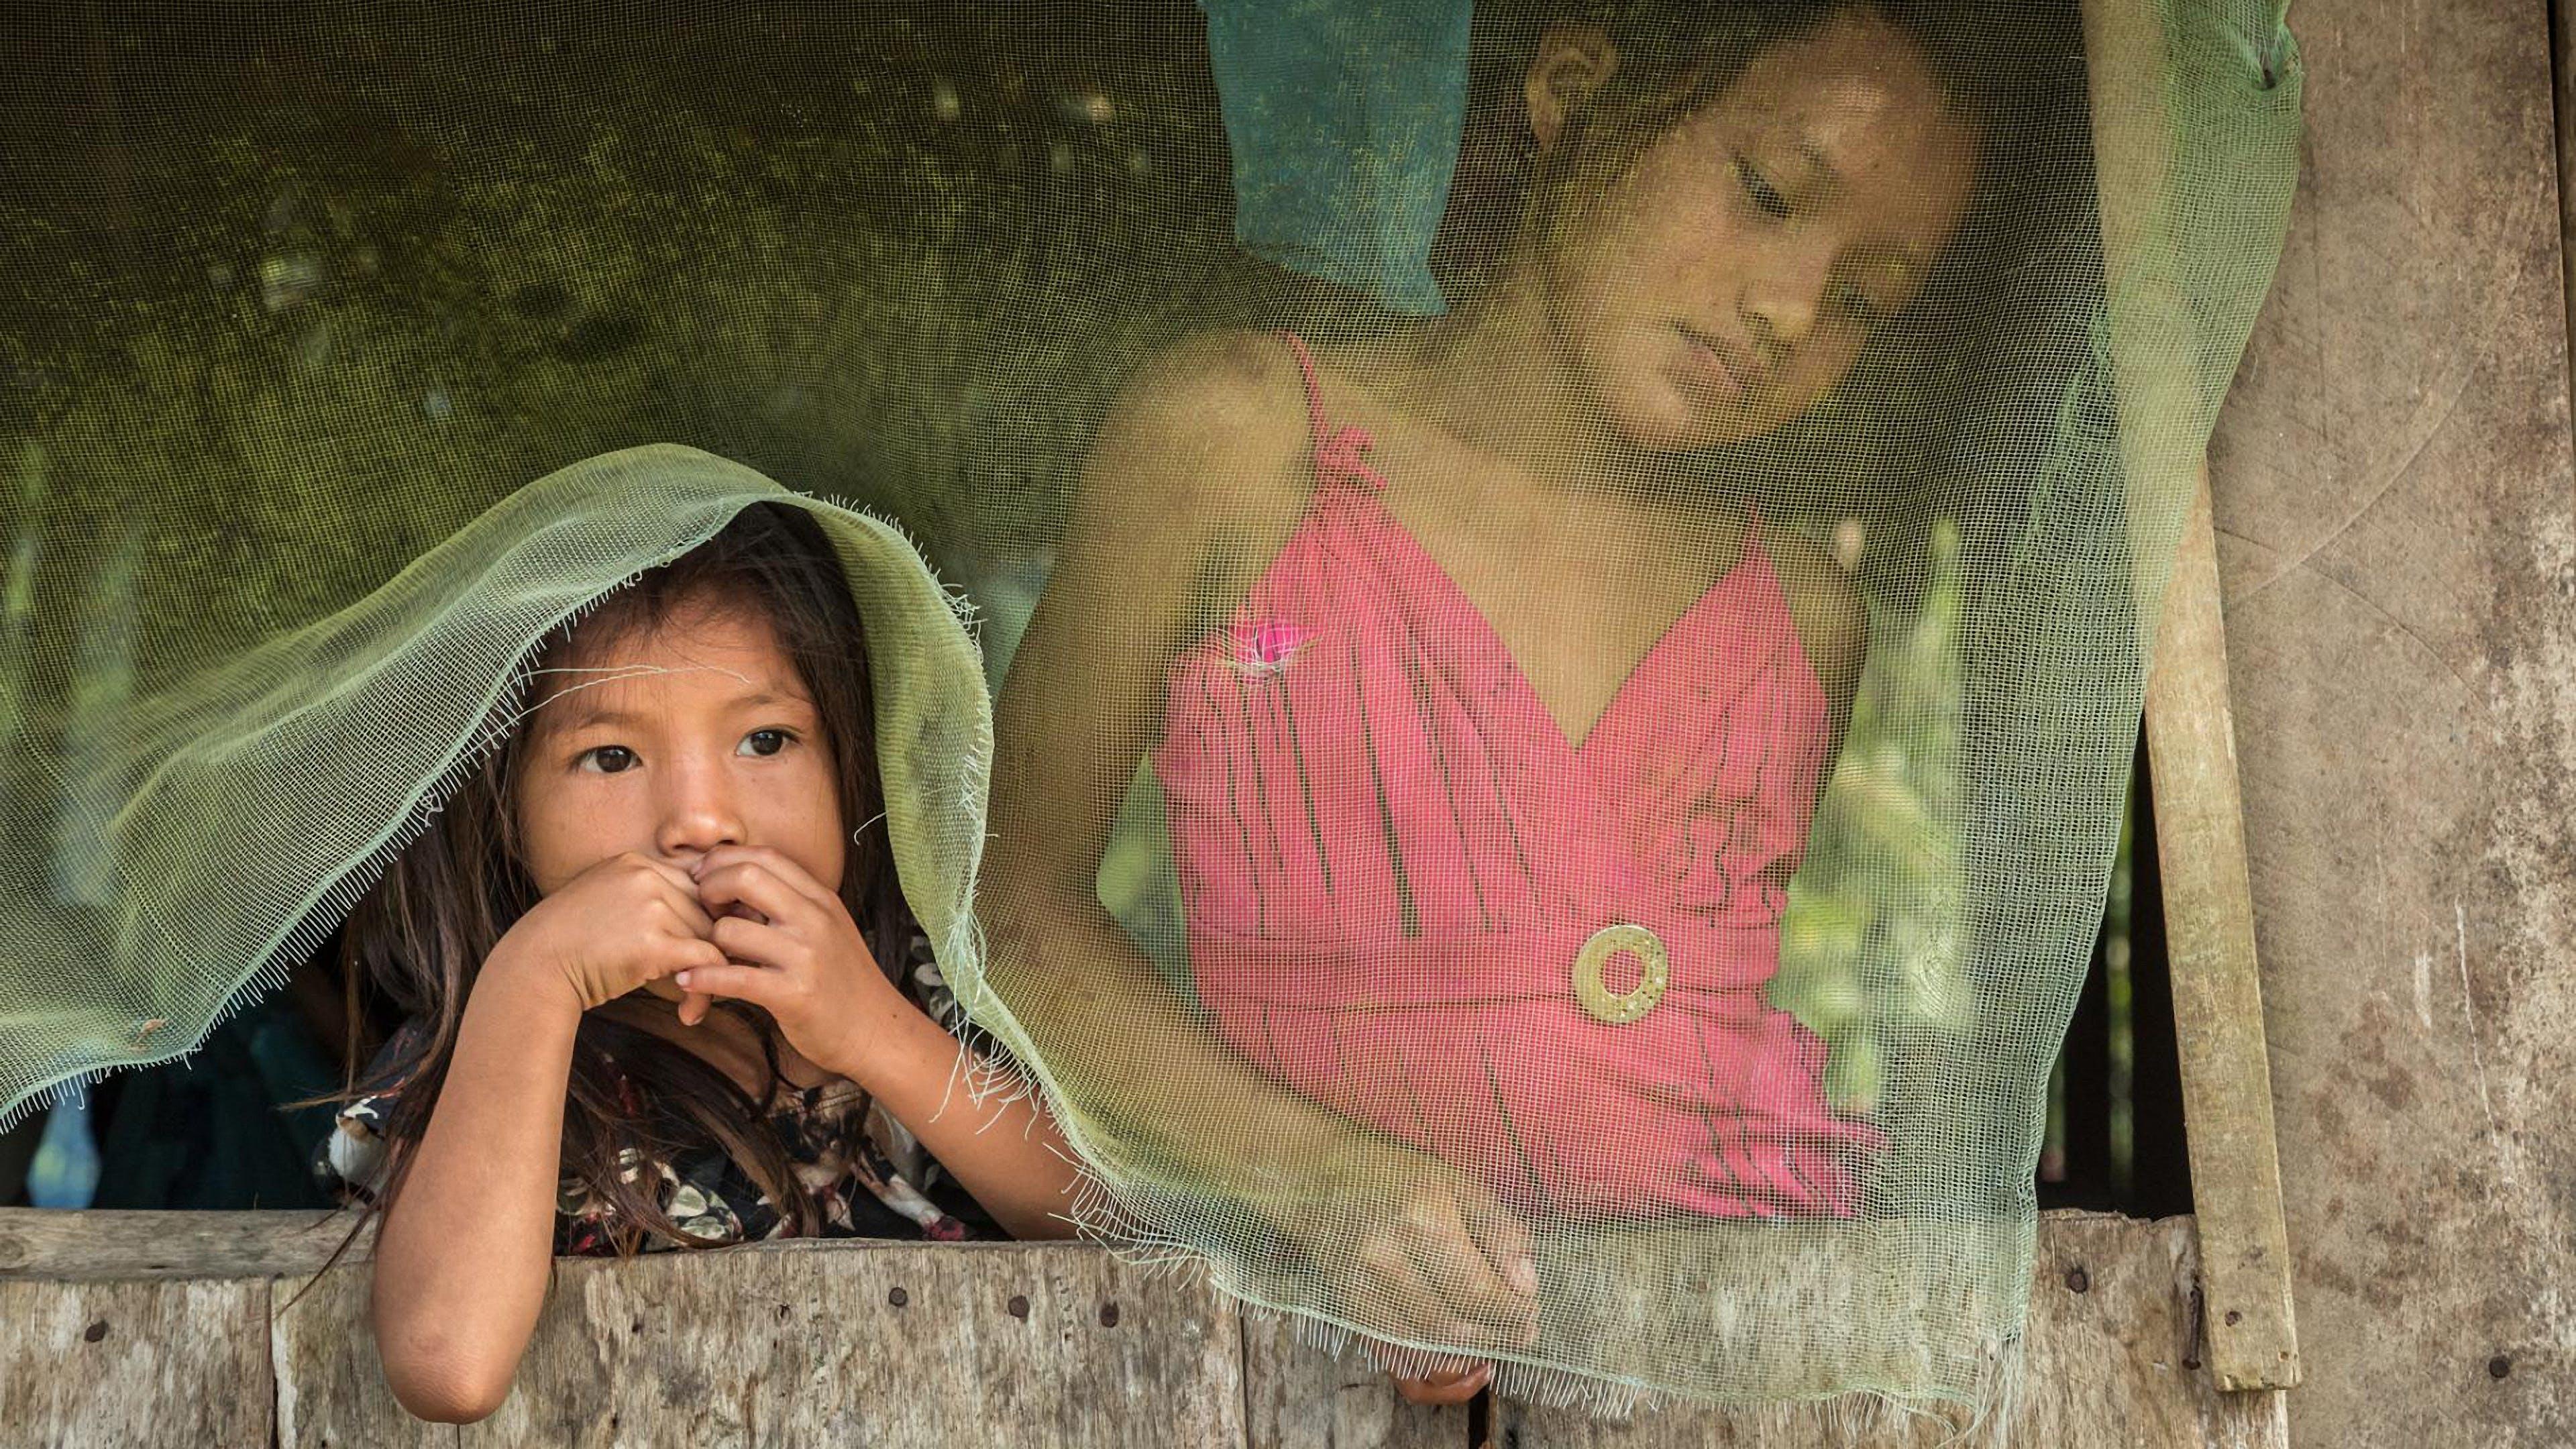 Kostnadsfri bild av ansiktsuttryck, asiatiska människor, asiatiska tjejer, dagsljus